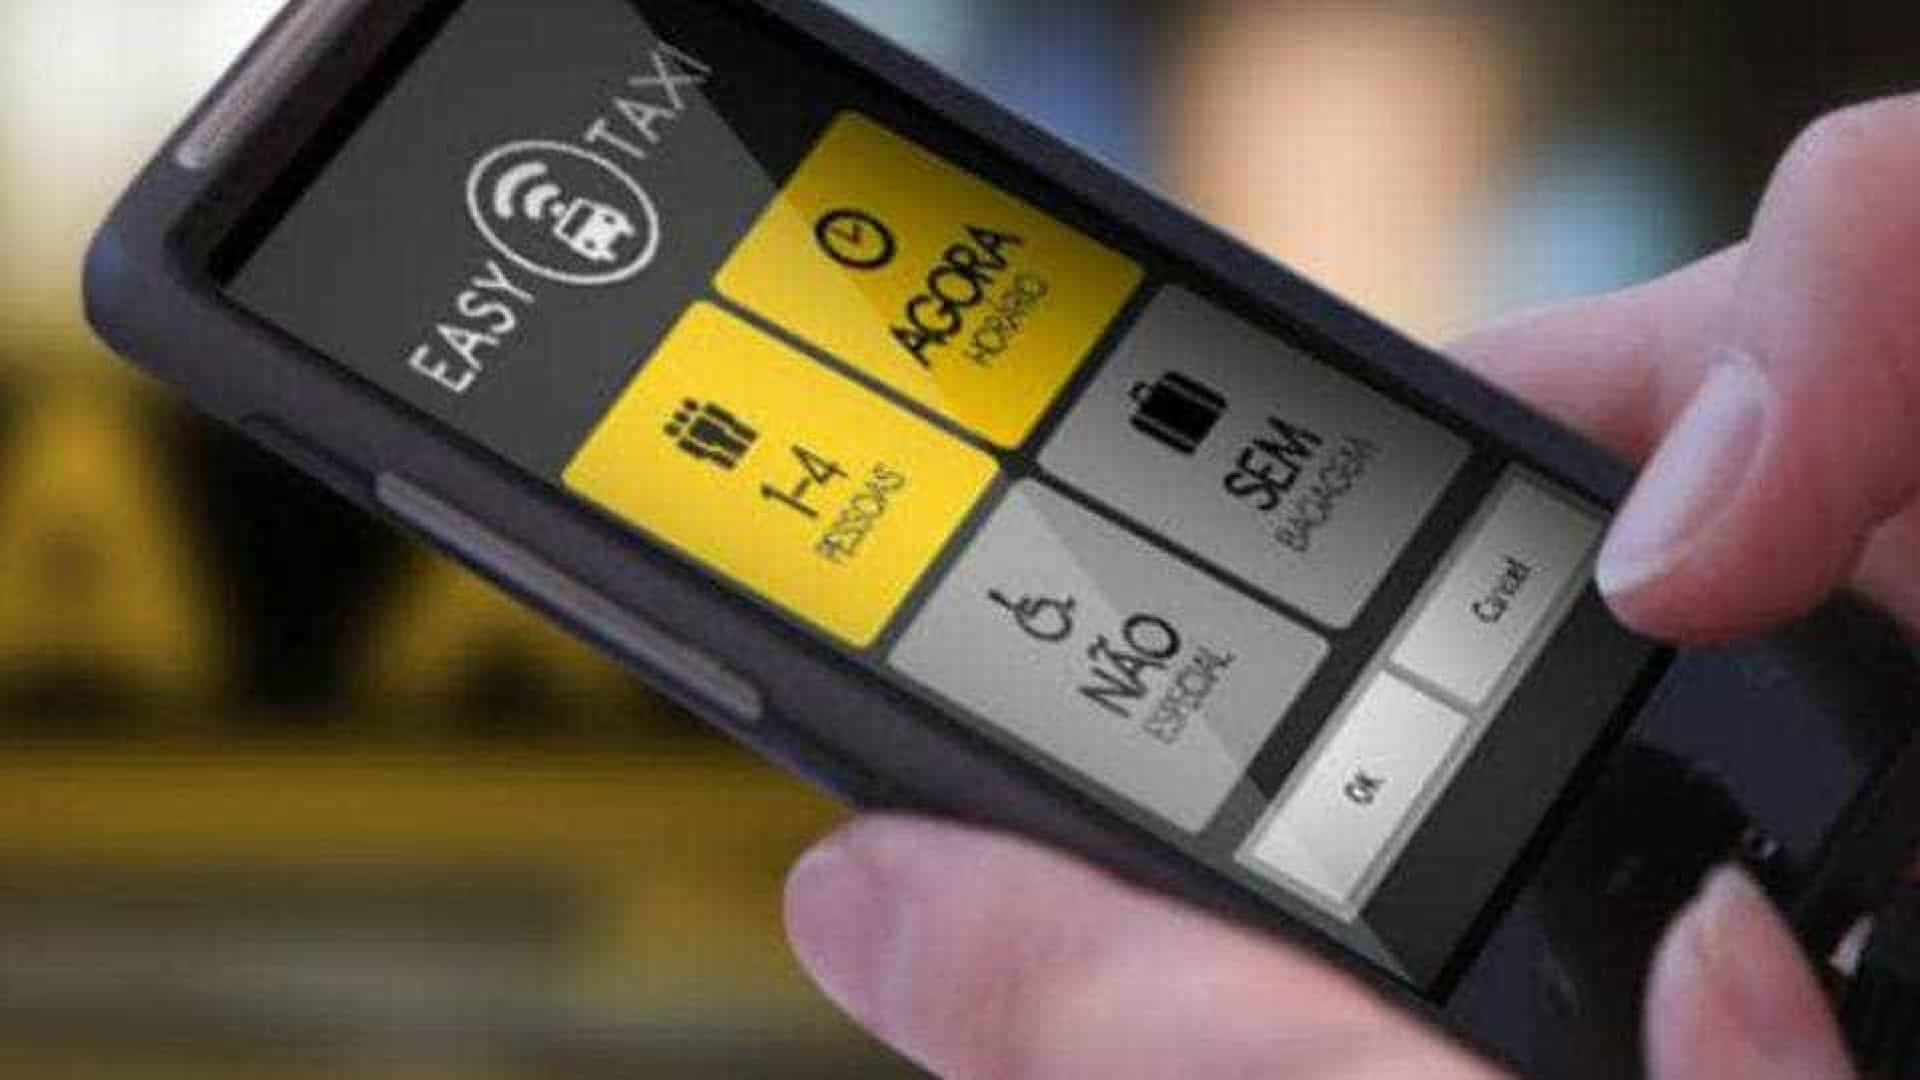 Easy Taxi: que tal pagar apenas R$ 3 pela corrida?